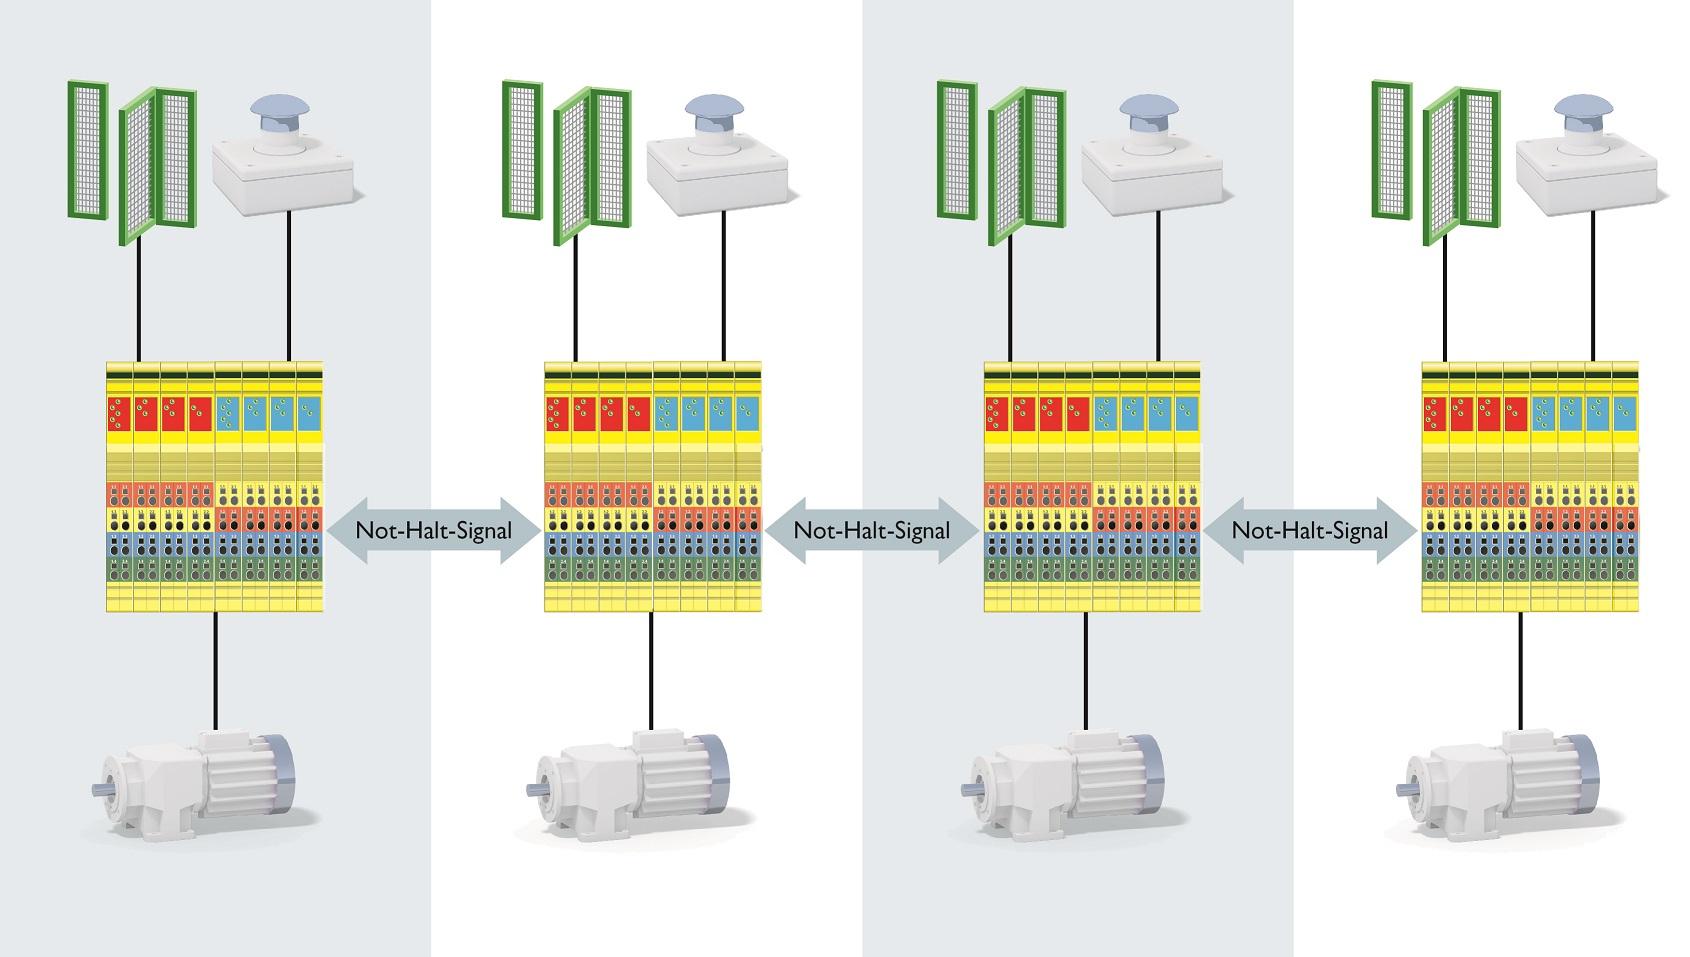 Realizacja zatrzymania awaryjnego linii przy użyciu technologii SafetyBridge.